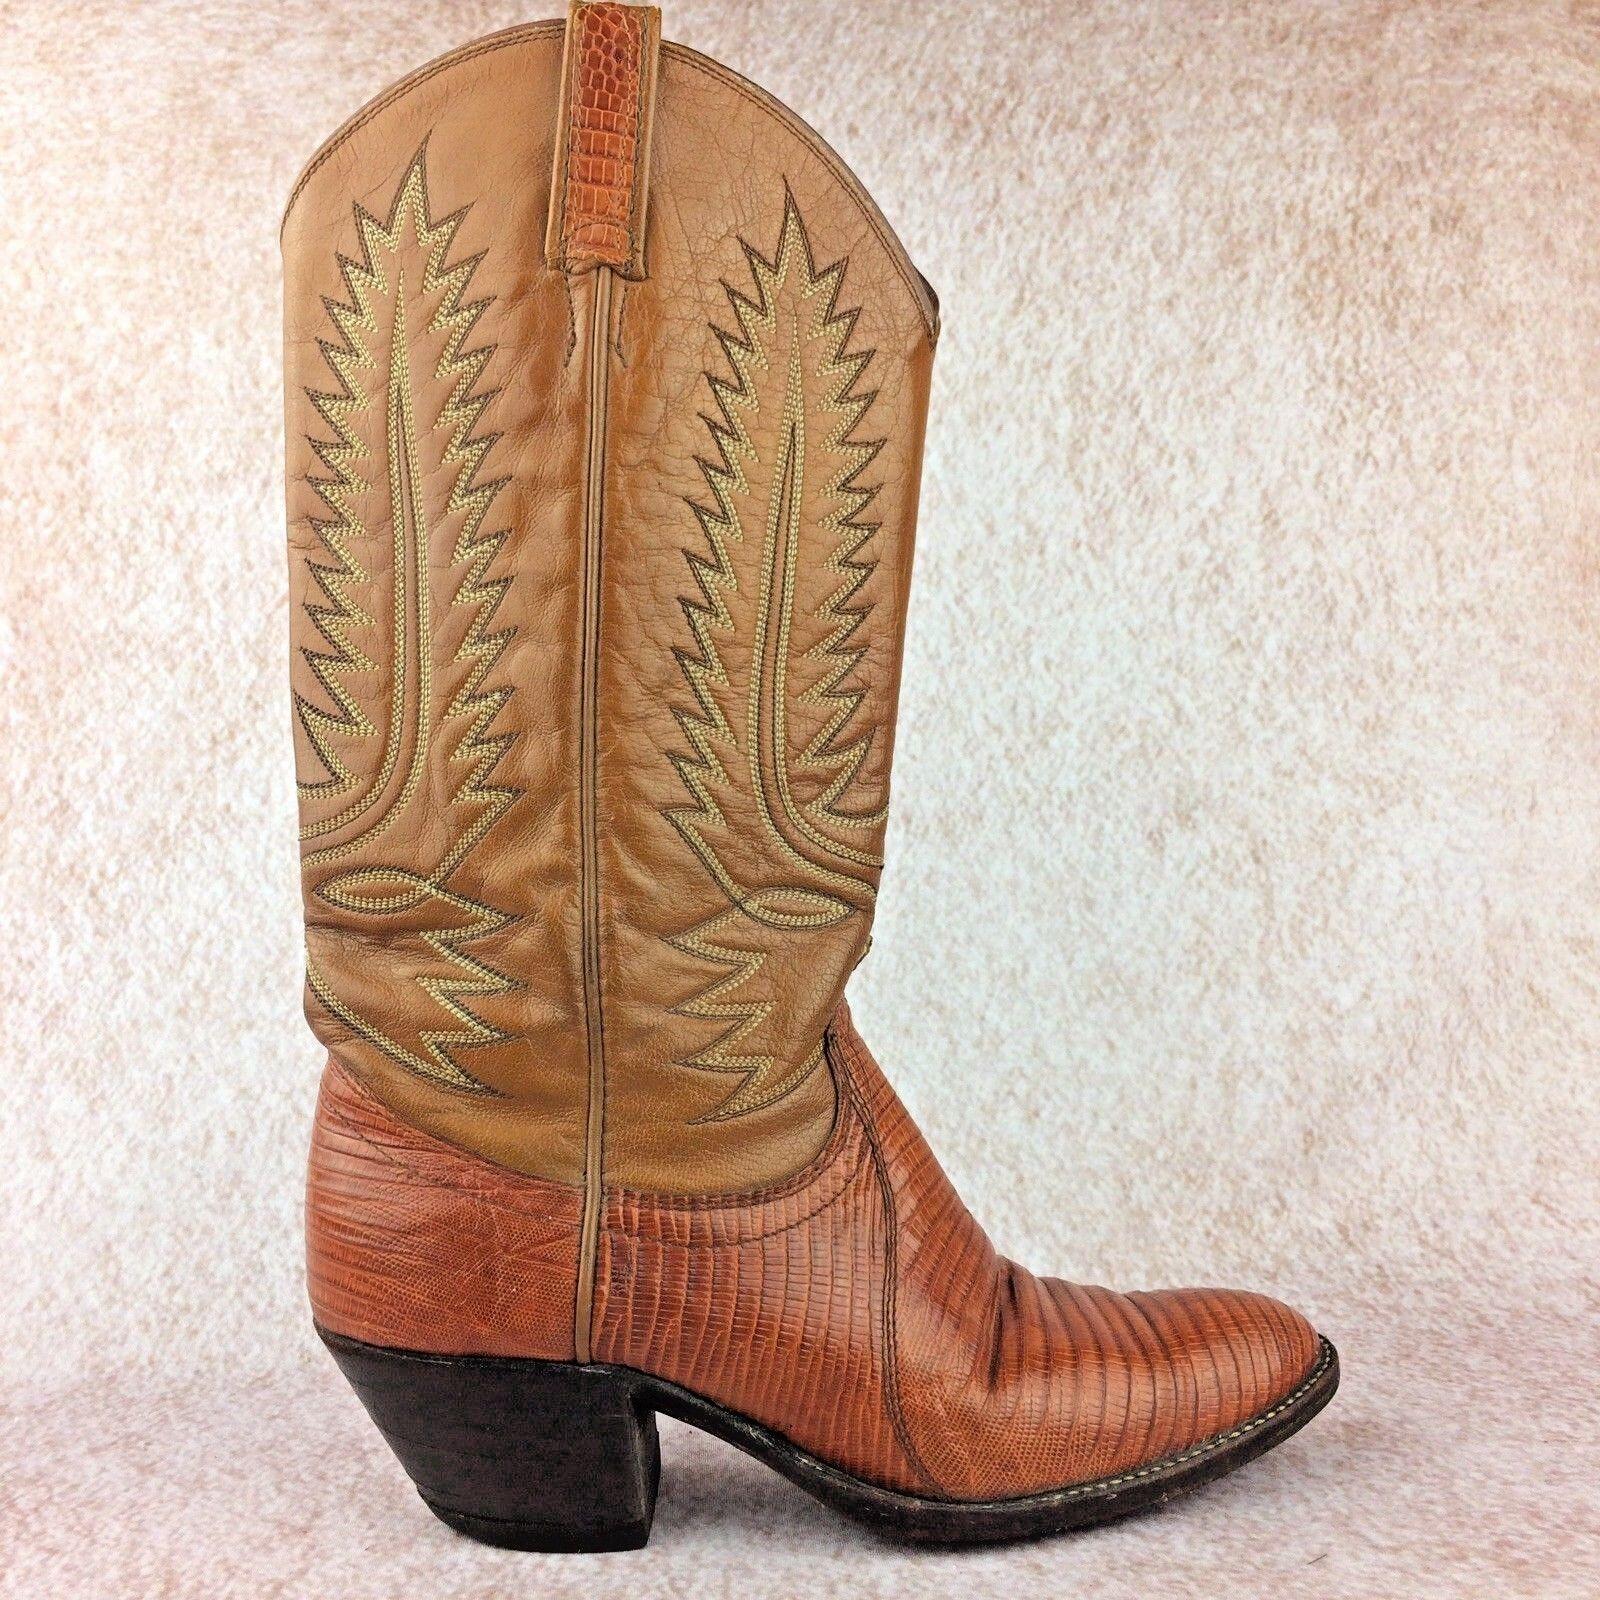 Dan Post mujeres mujeres Post talisman de cuero de lagarto teju Western cowboy boots size 10 8e58a3